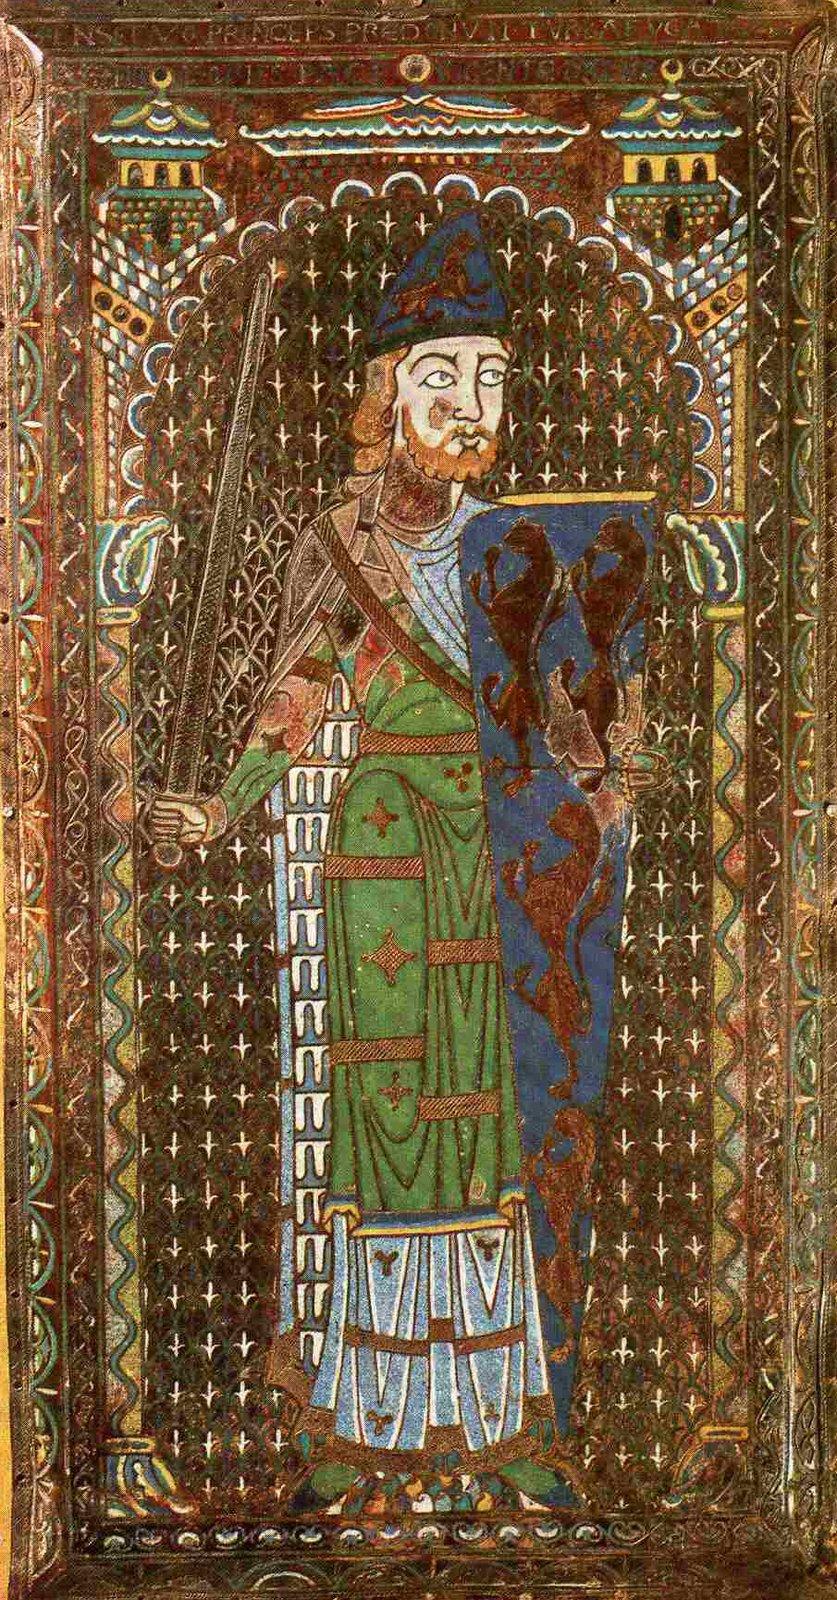 Wizerunek Geoffrey Plantagenet, hrabiego Andegawenii na jego grobie. Źródło: Wizerunek Geoffrey Plantagenet, hrabiego Andegawenii na jego grobie., domena publiczna.